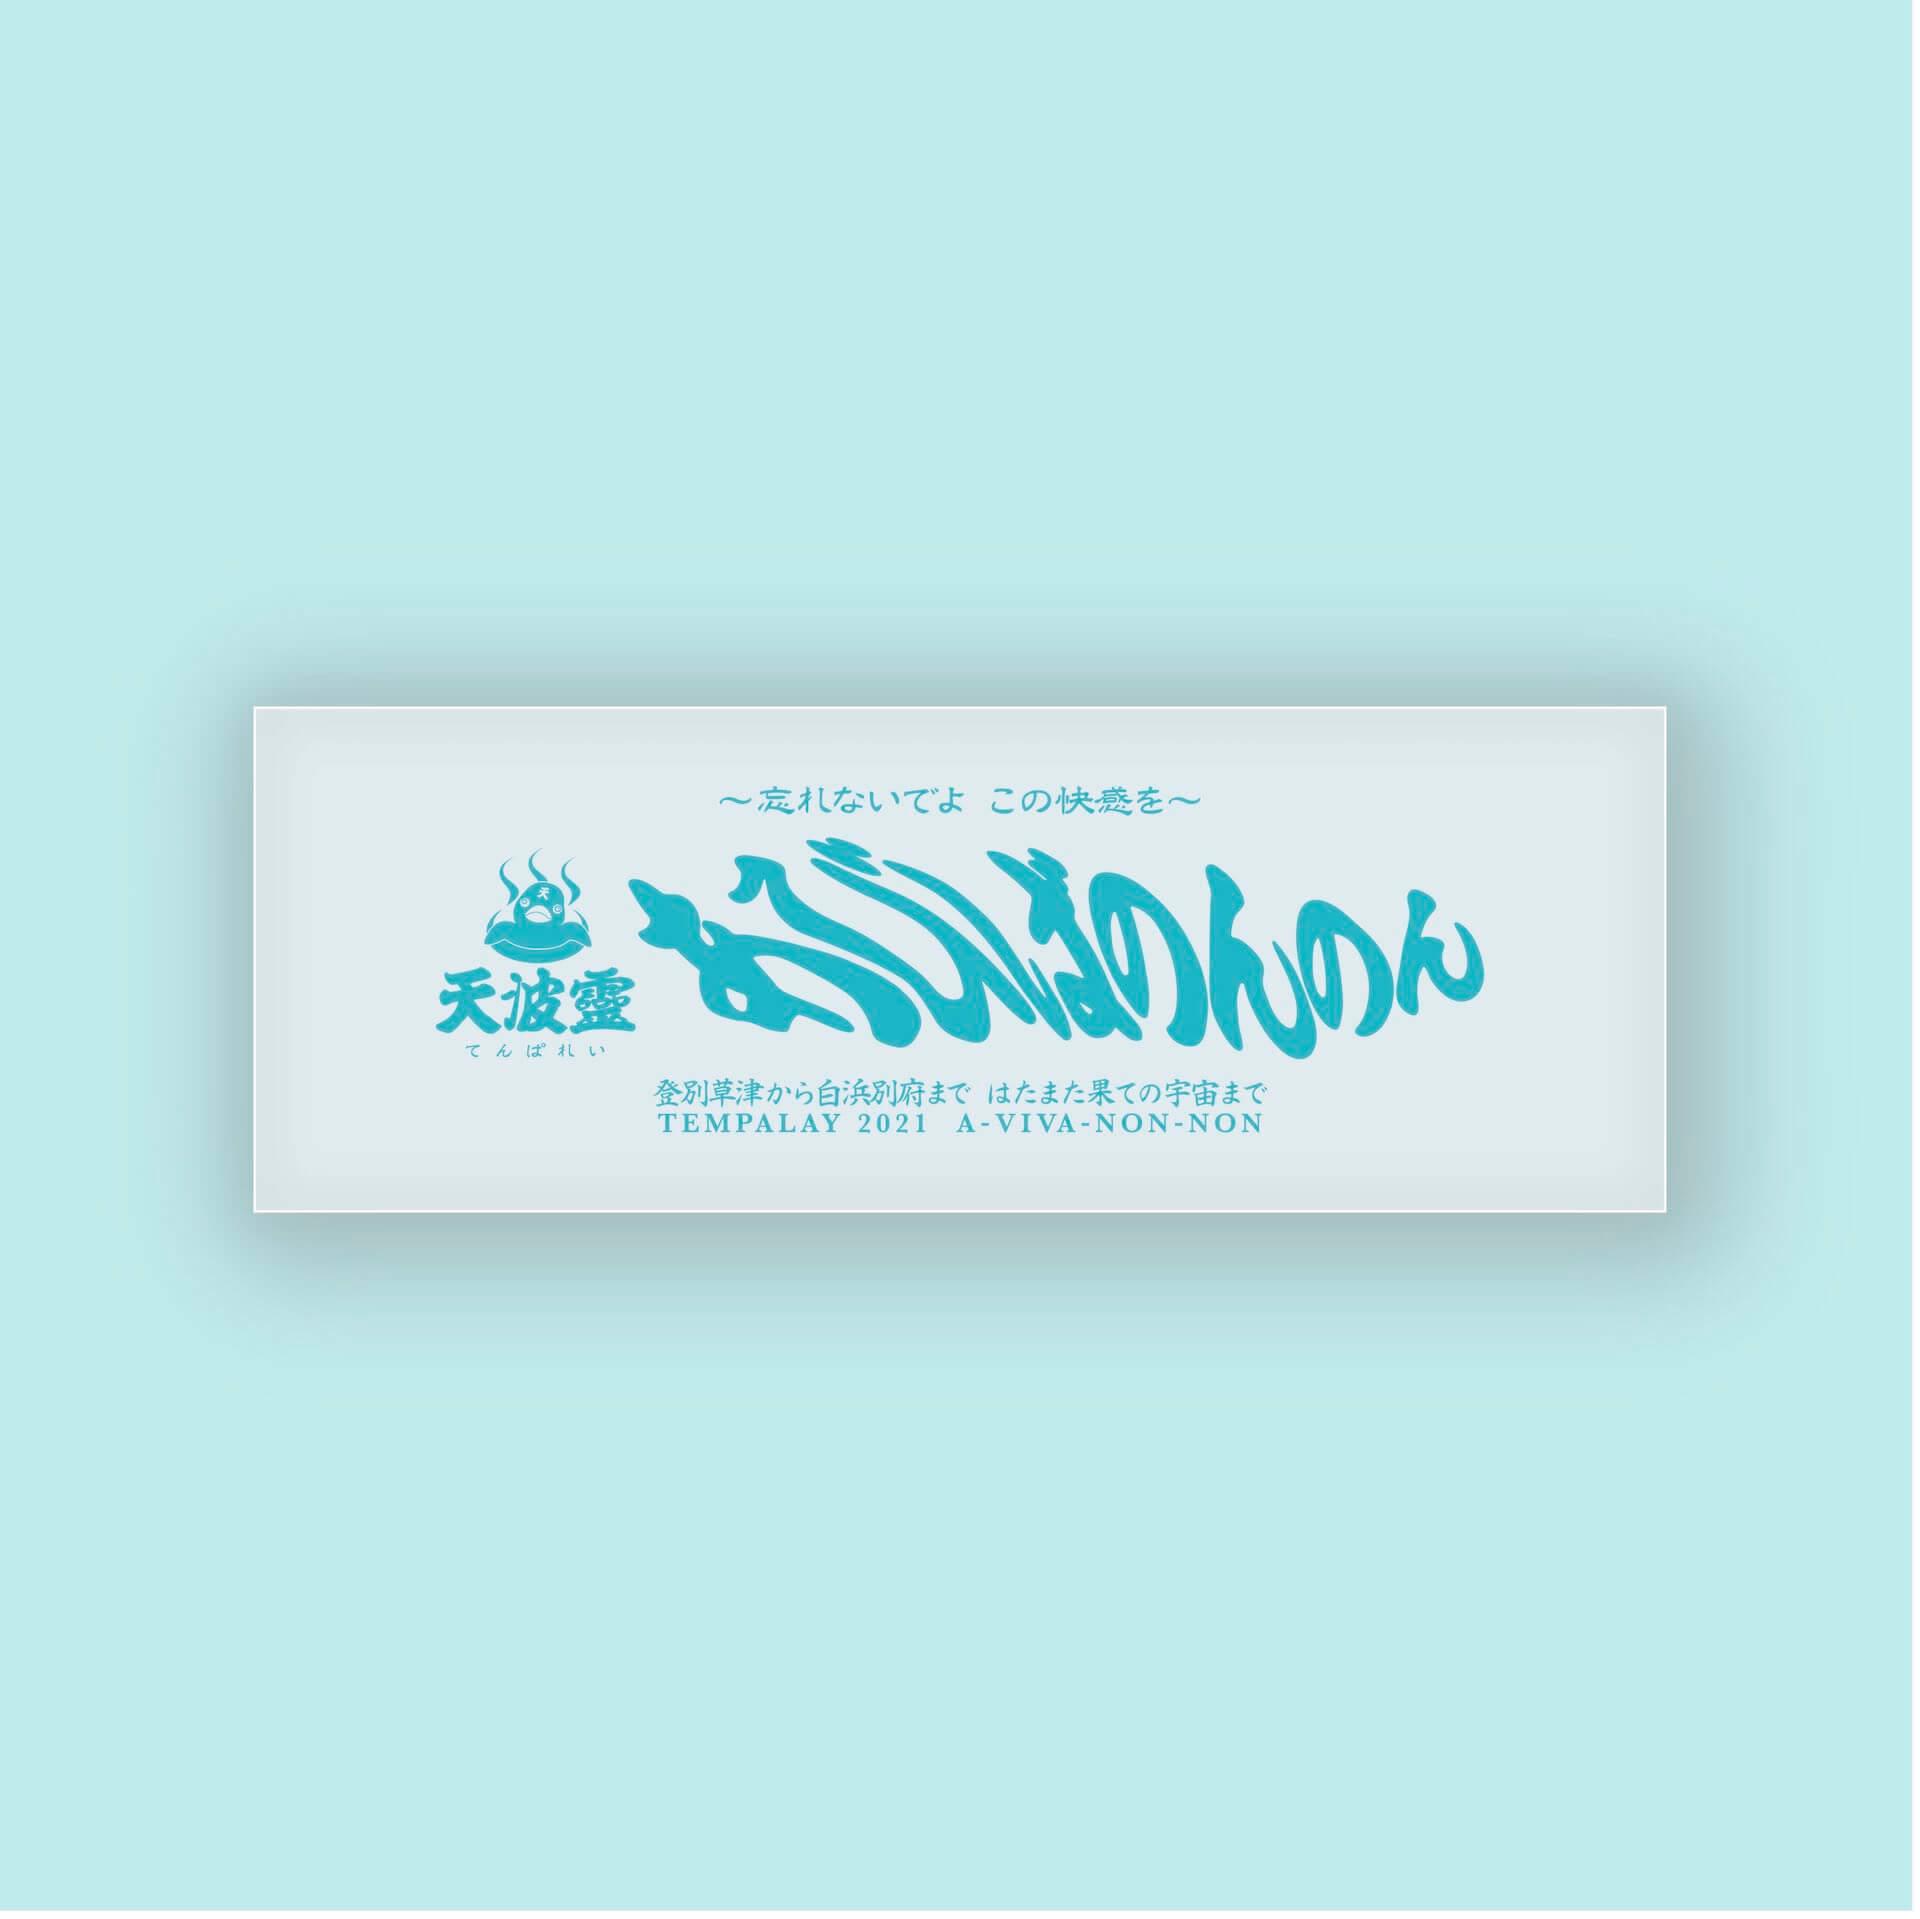 Tempalayのニューシングル『あびばのんのん』が発売決定!『サ道2021』エンディングテーマとして話題 music210716_tempalay_cd_3